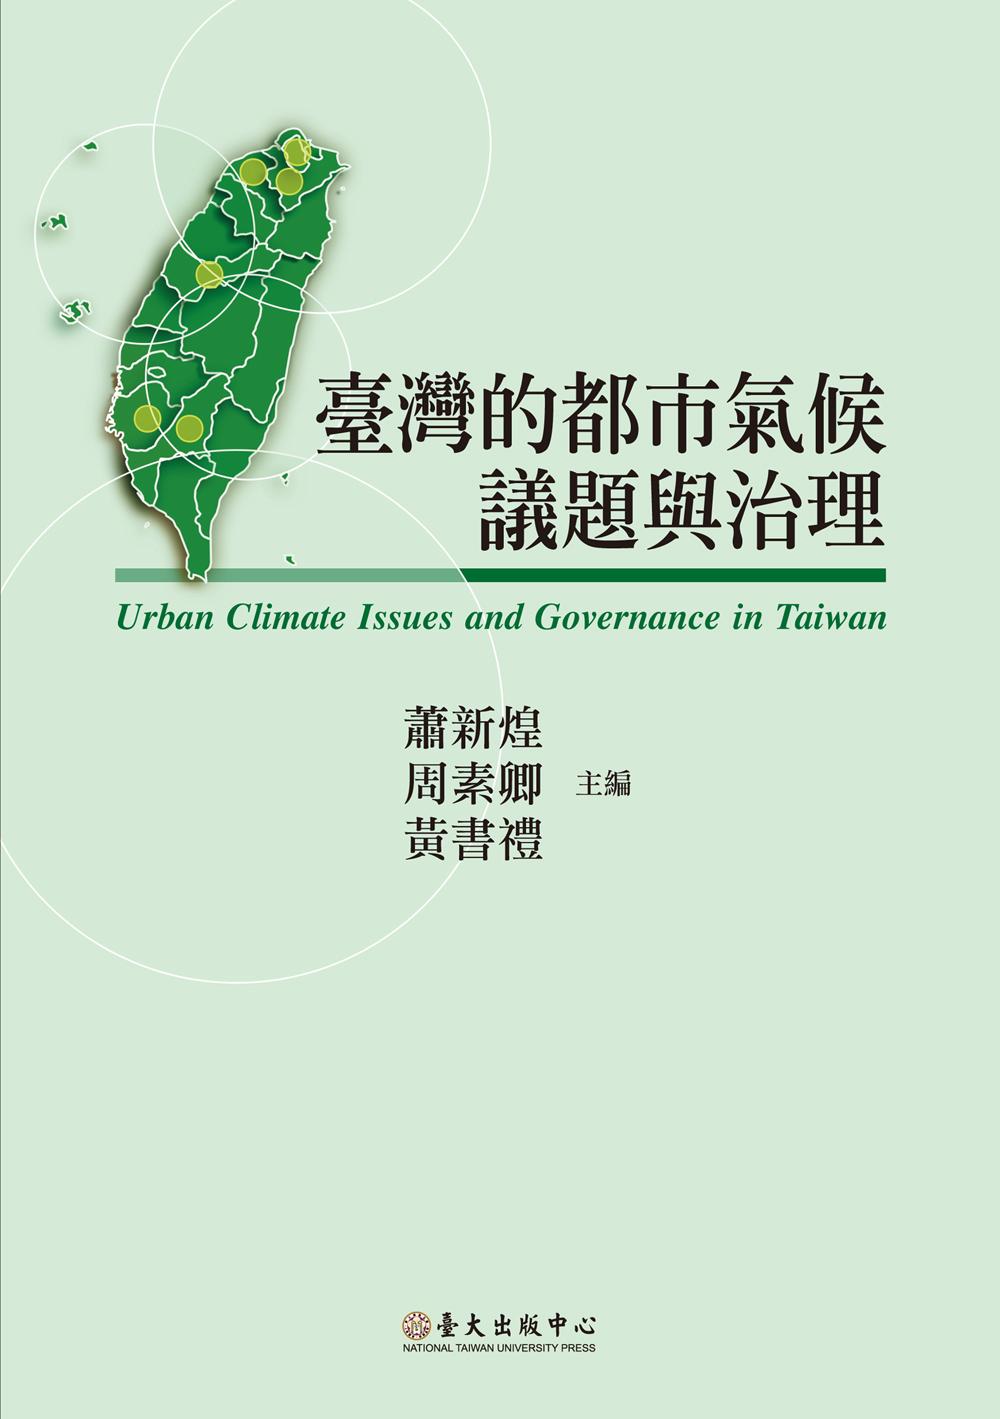 臺灣的都市氣候議題與治理